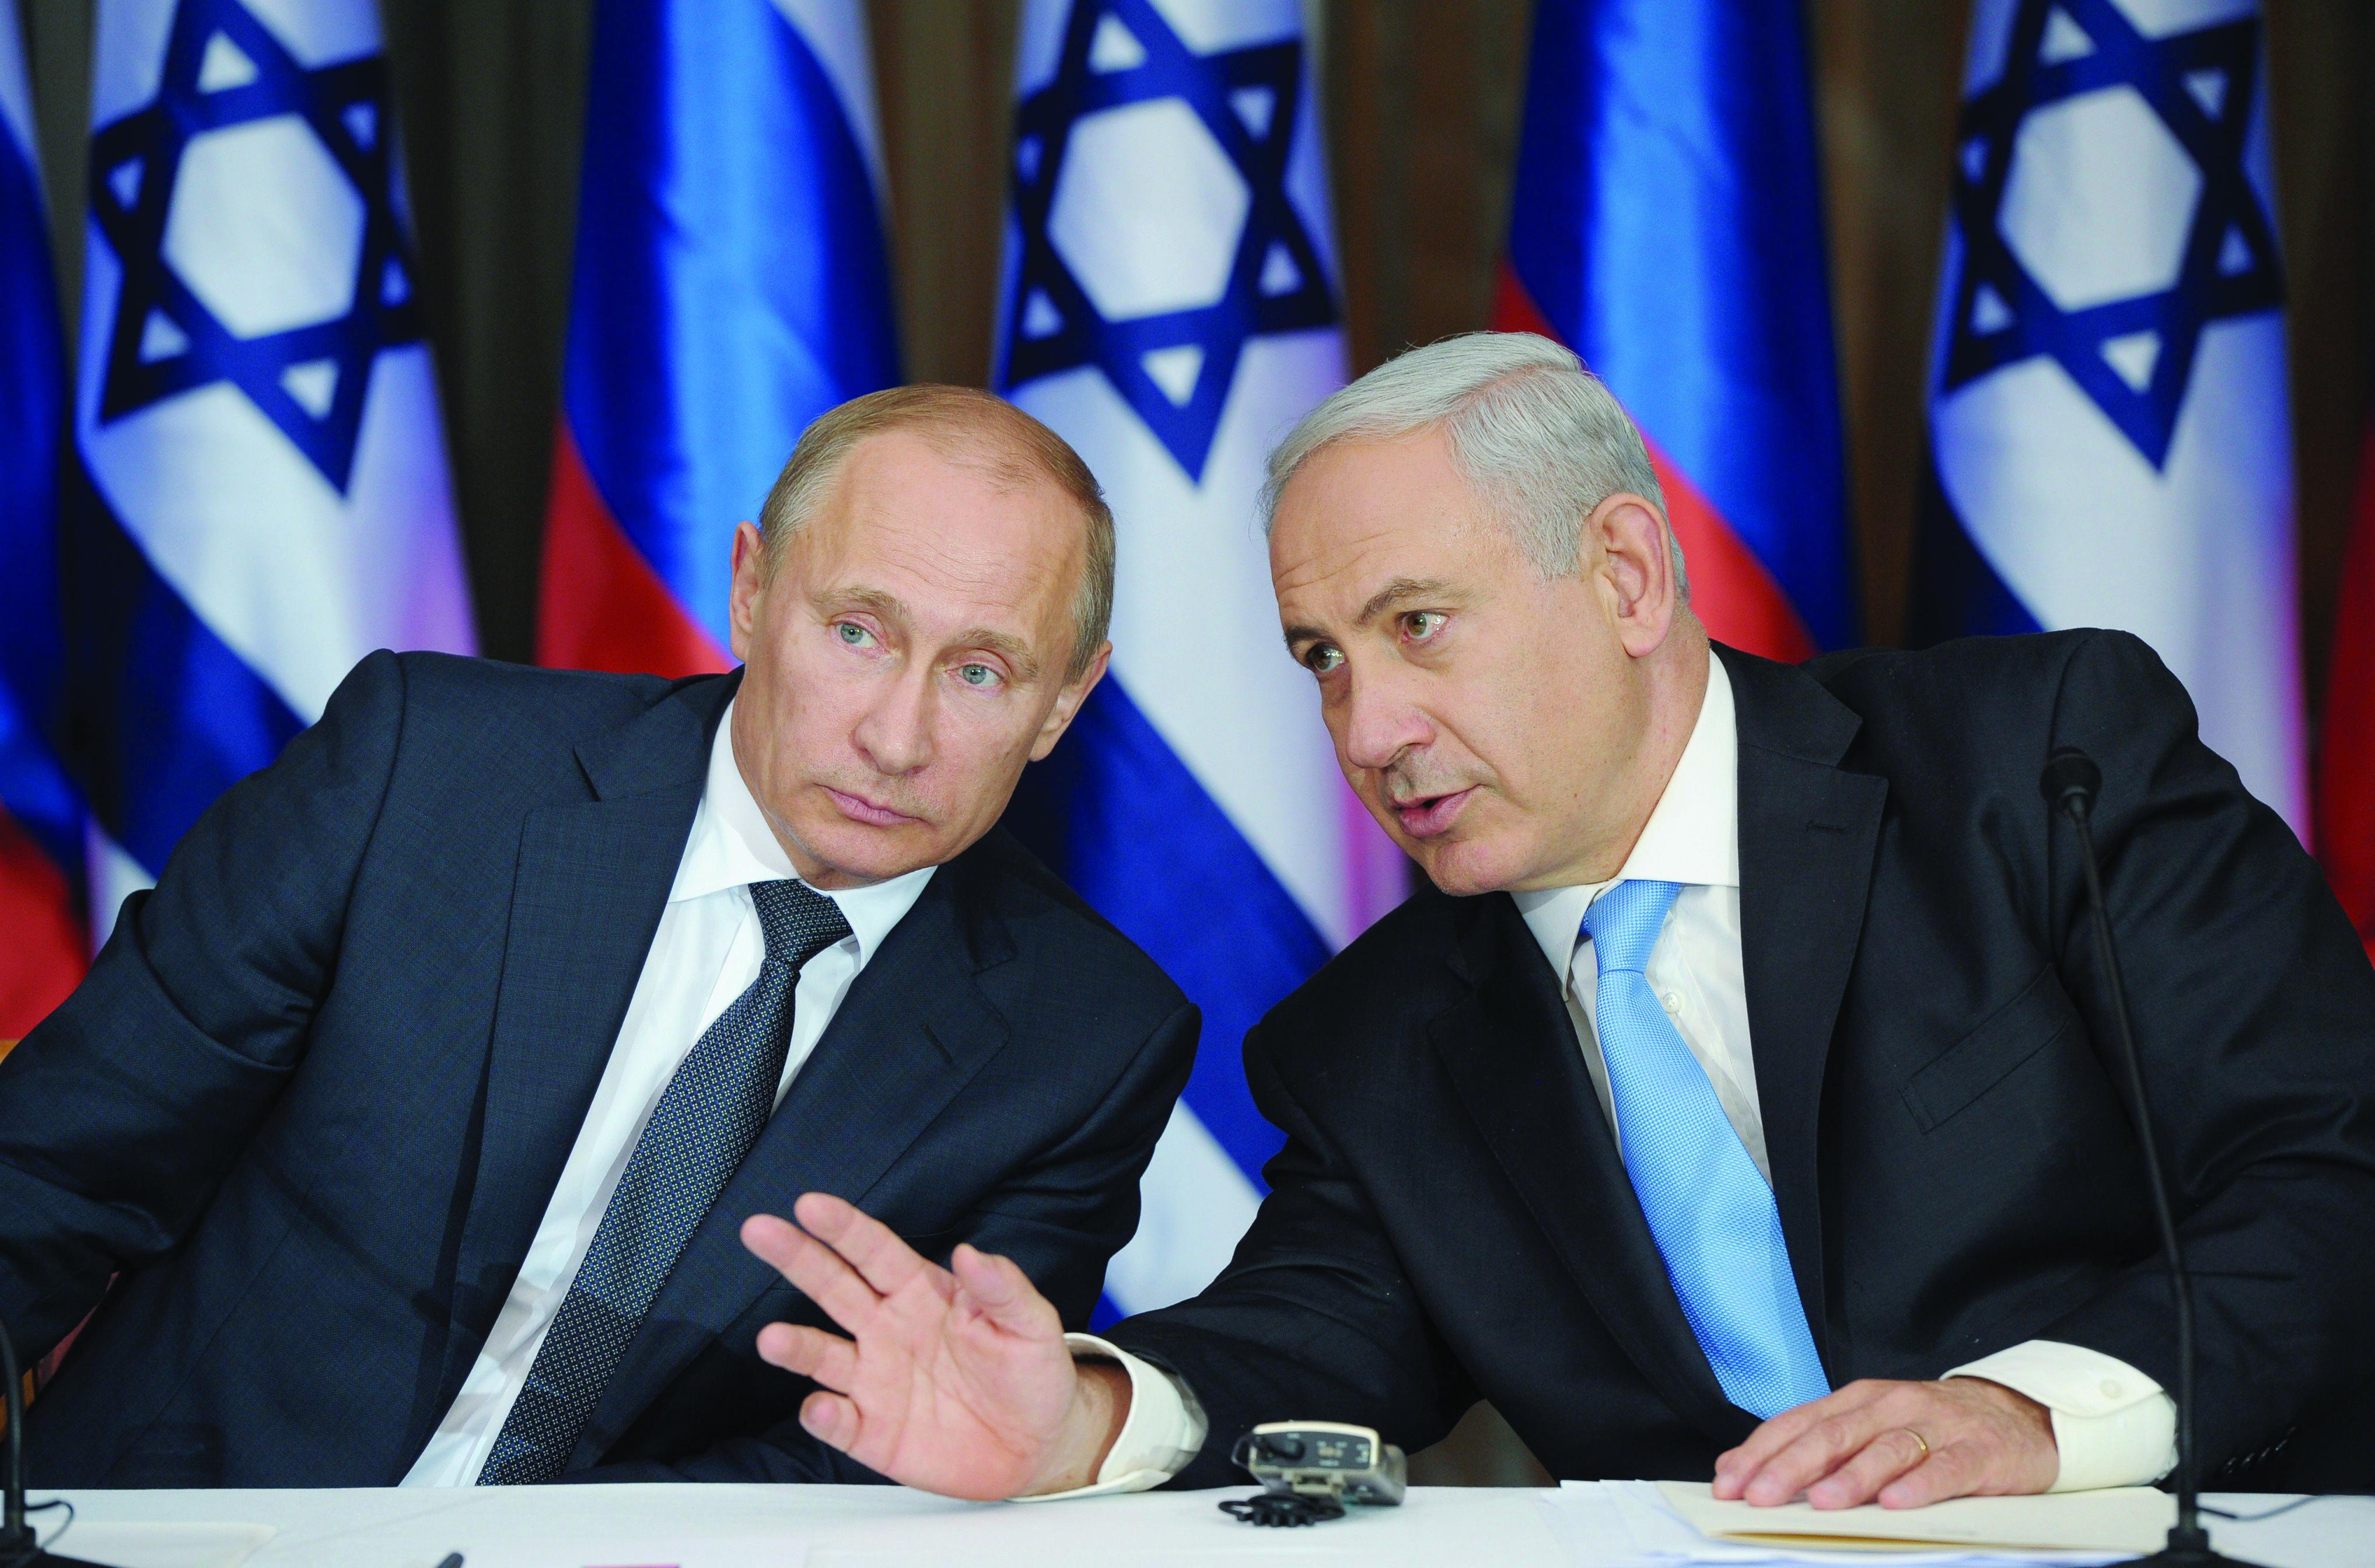 Выбор Трампа изменил мнение американцев по поводу России и Израиля. Фото: observer.com